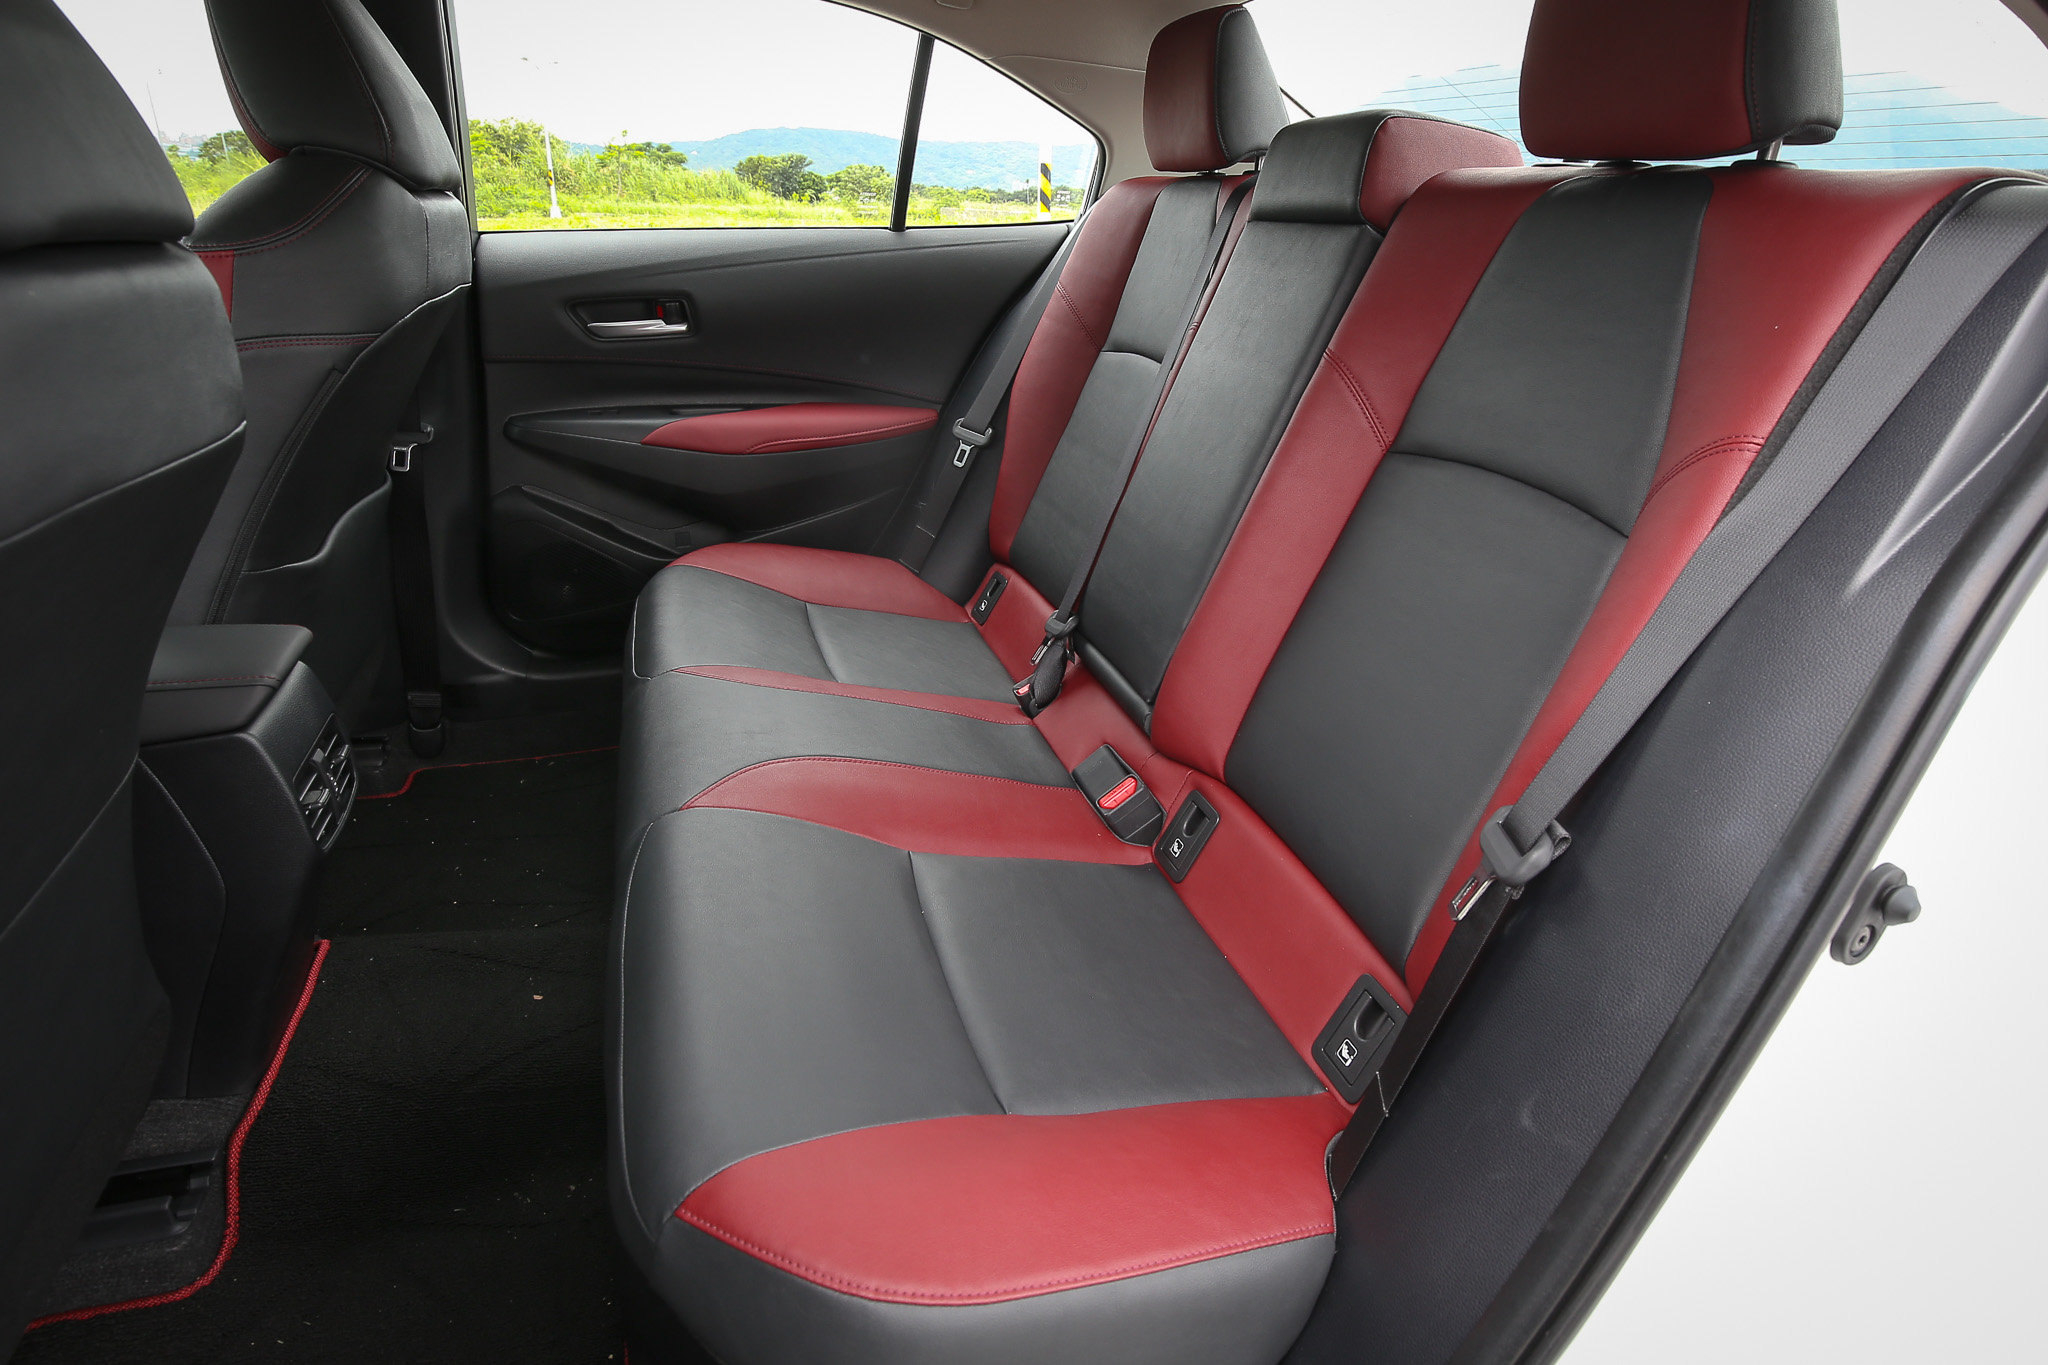 後座也採用相同的紅黑配色。